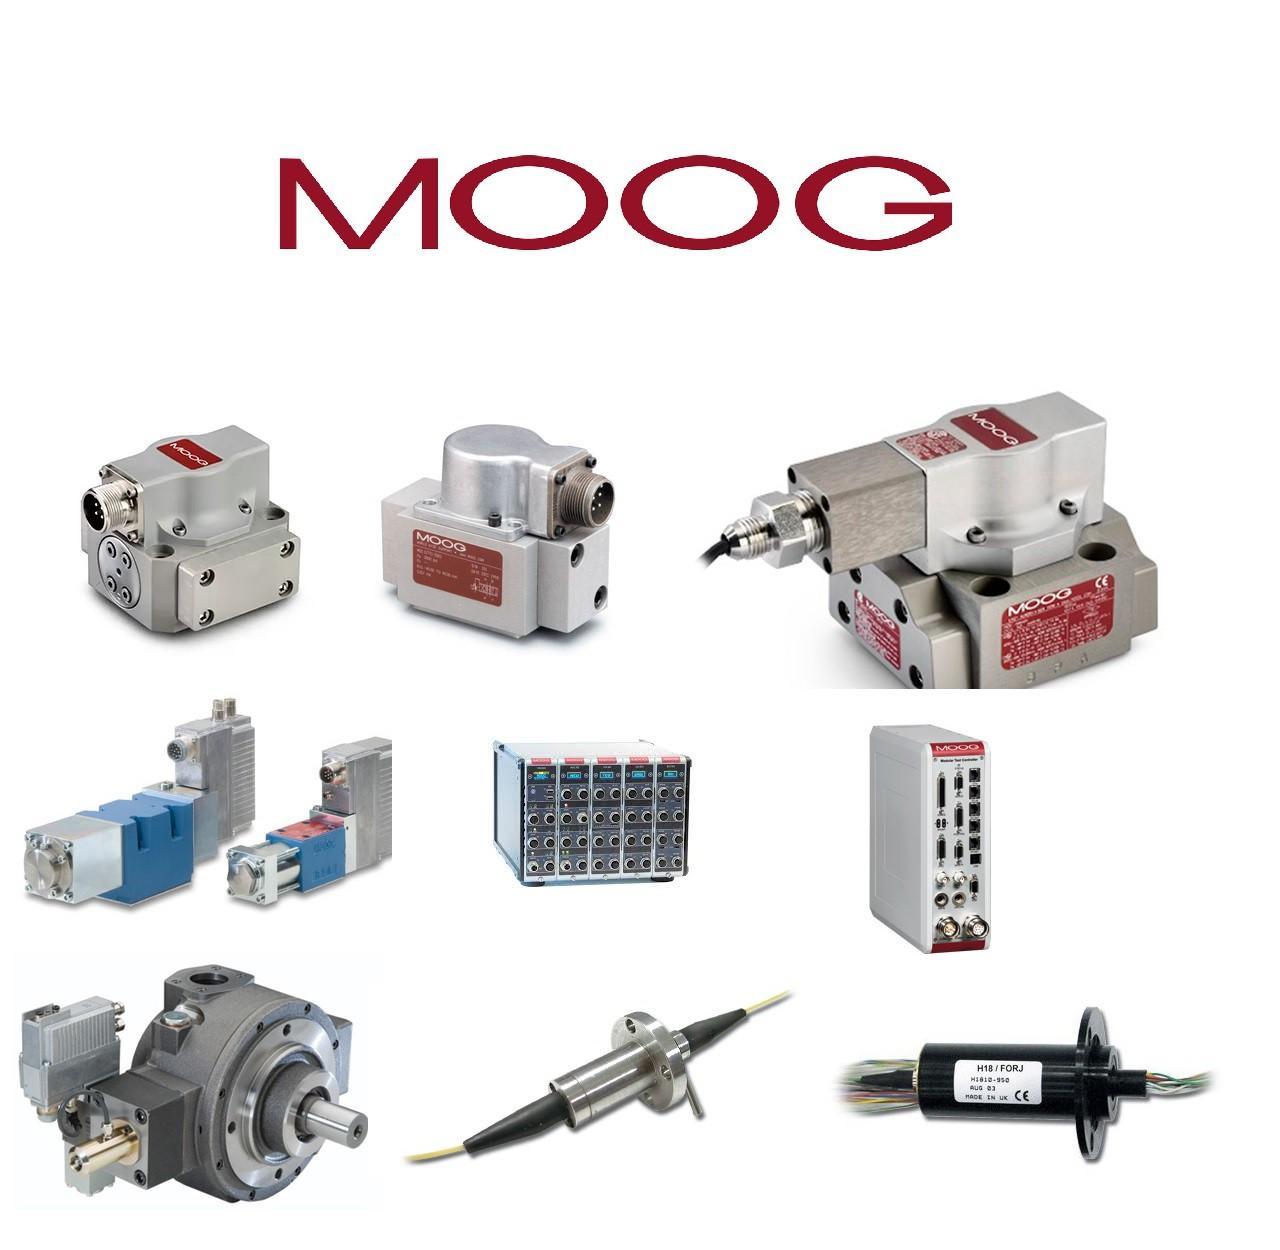 MOOG 085-674-2, IPVSV W/LVDT  Actuator